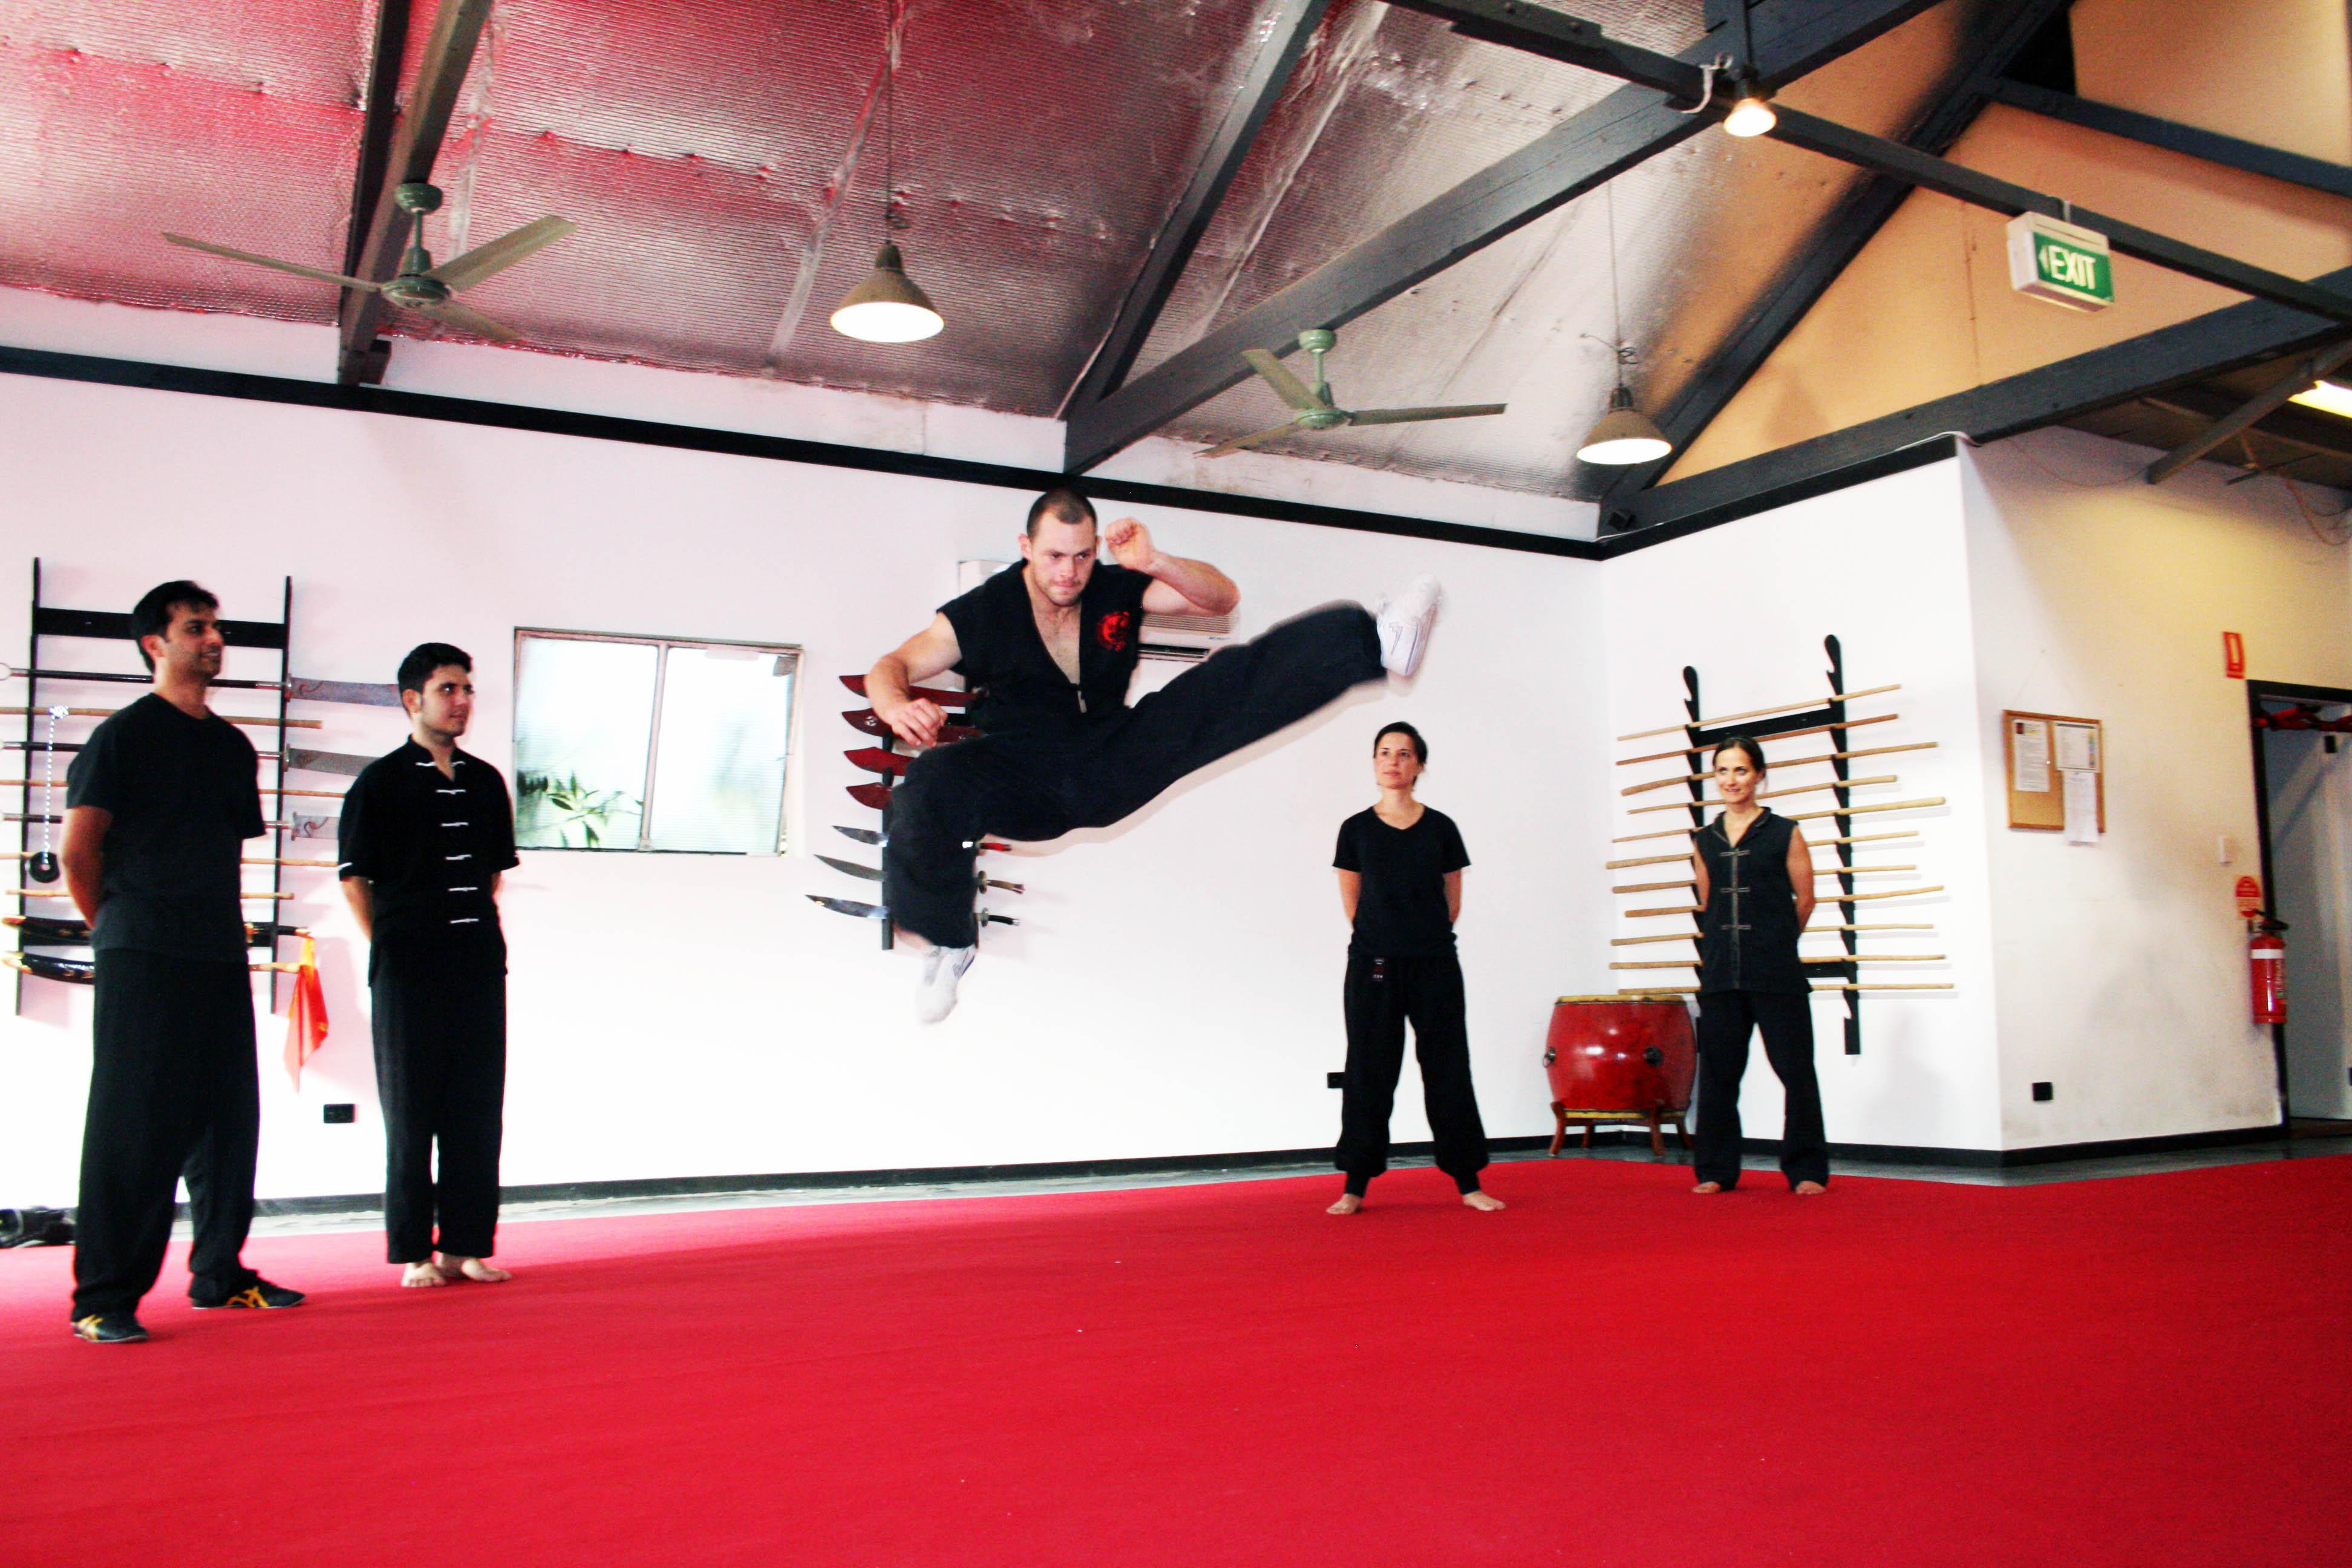 Jumping Kick 2